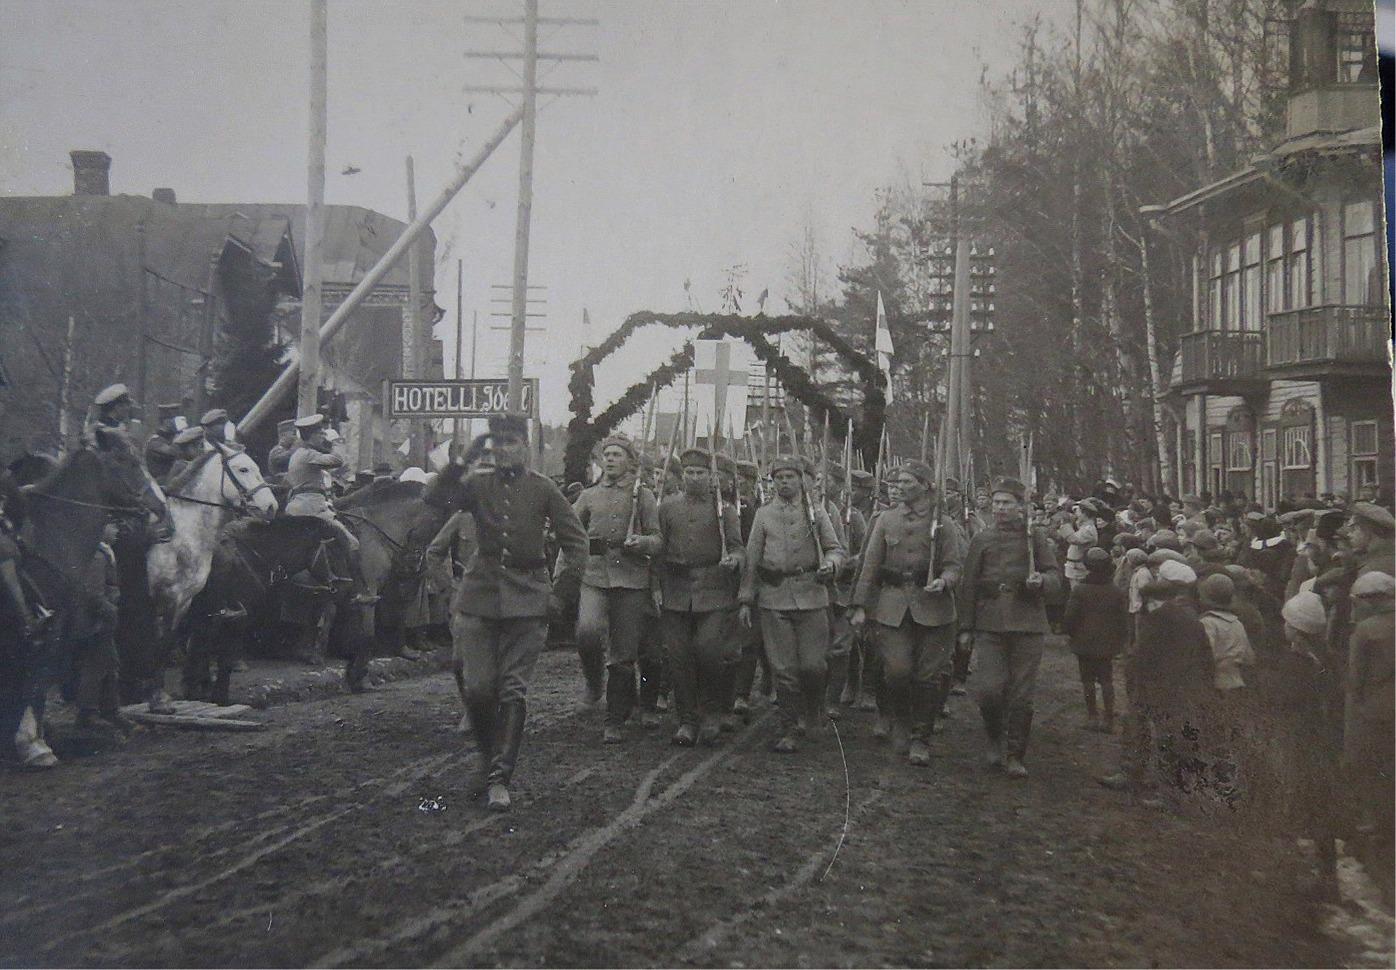 Lärarsonen Gunnar (1895-1953) deltog på den vita sidan i inbördeskriget 1918. Han stannade kvar en tid som utbildare och här är det parad i Terijoki 1919, på ettårsdagen för frigörelsen. Gunnar går främst och till vänster om honom sitter Gustaf Mannerheim på hästen.